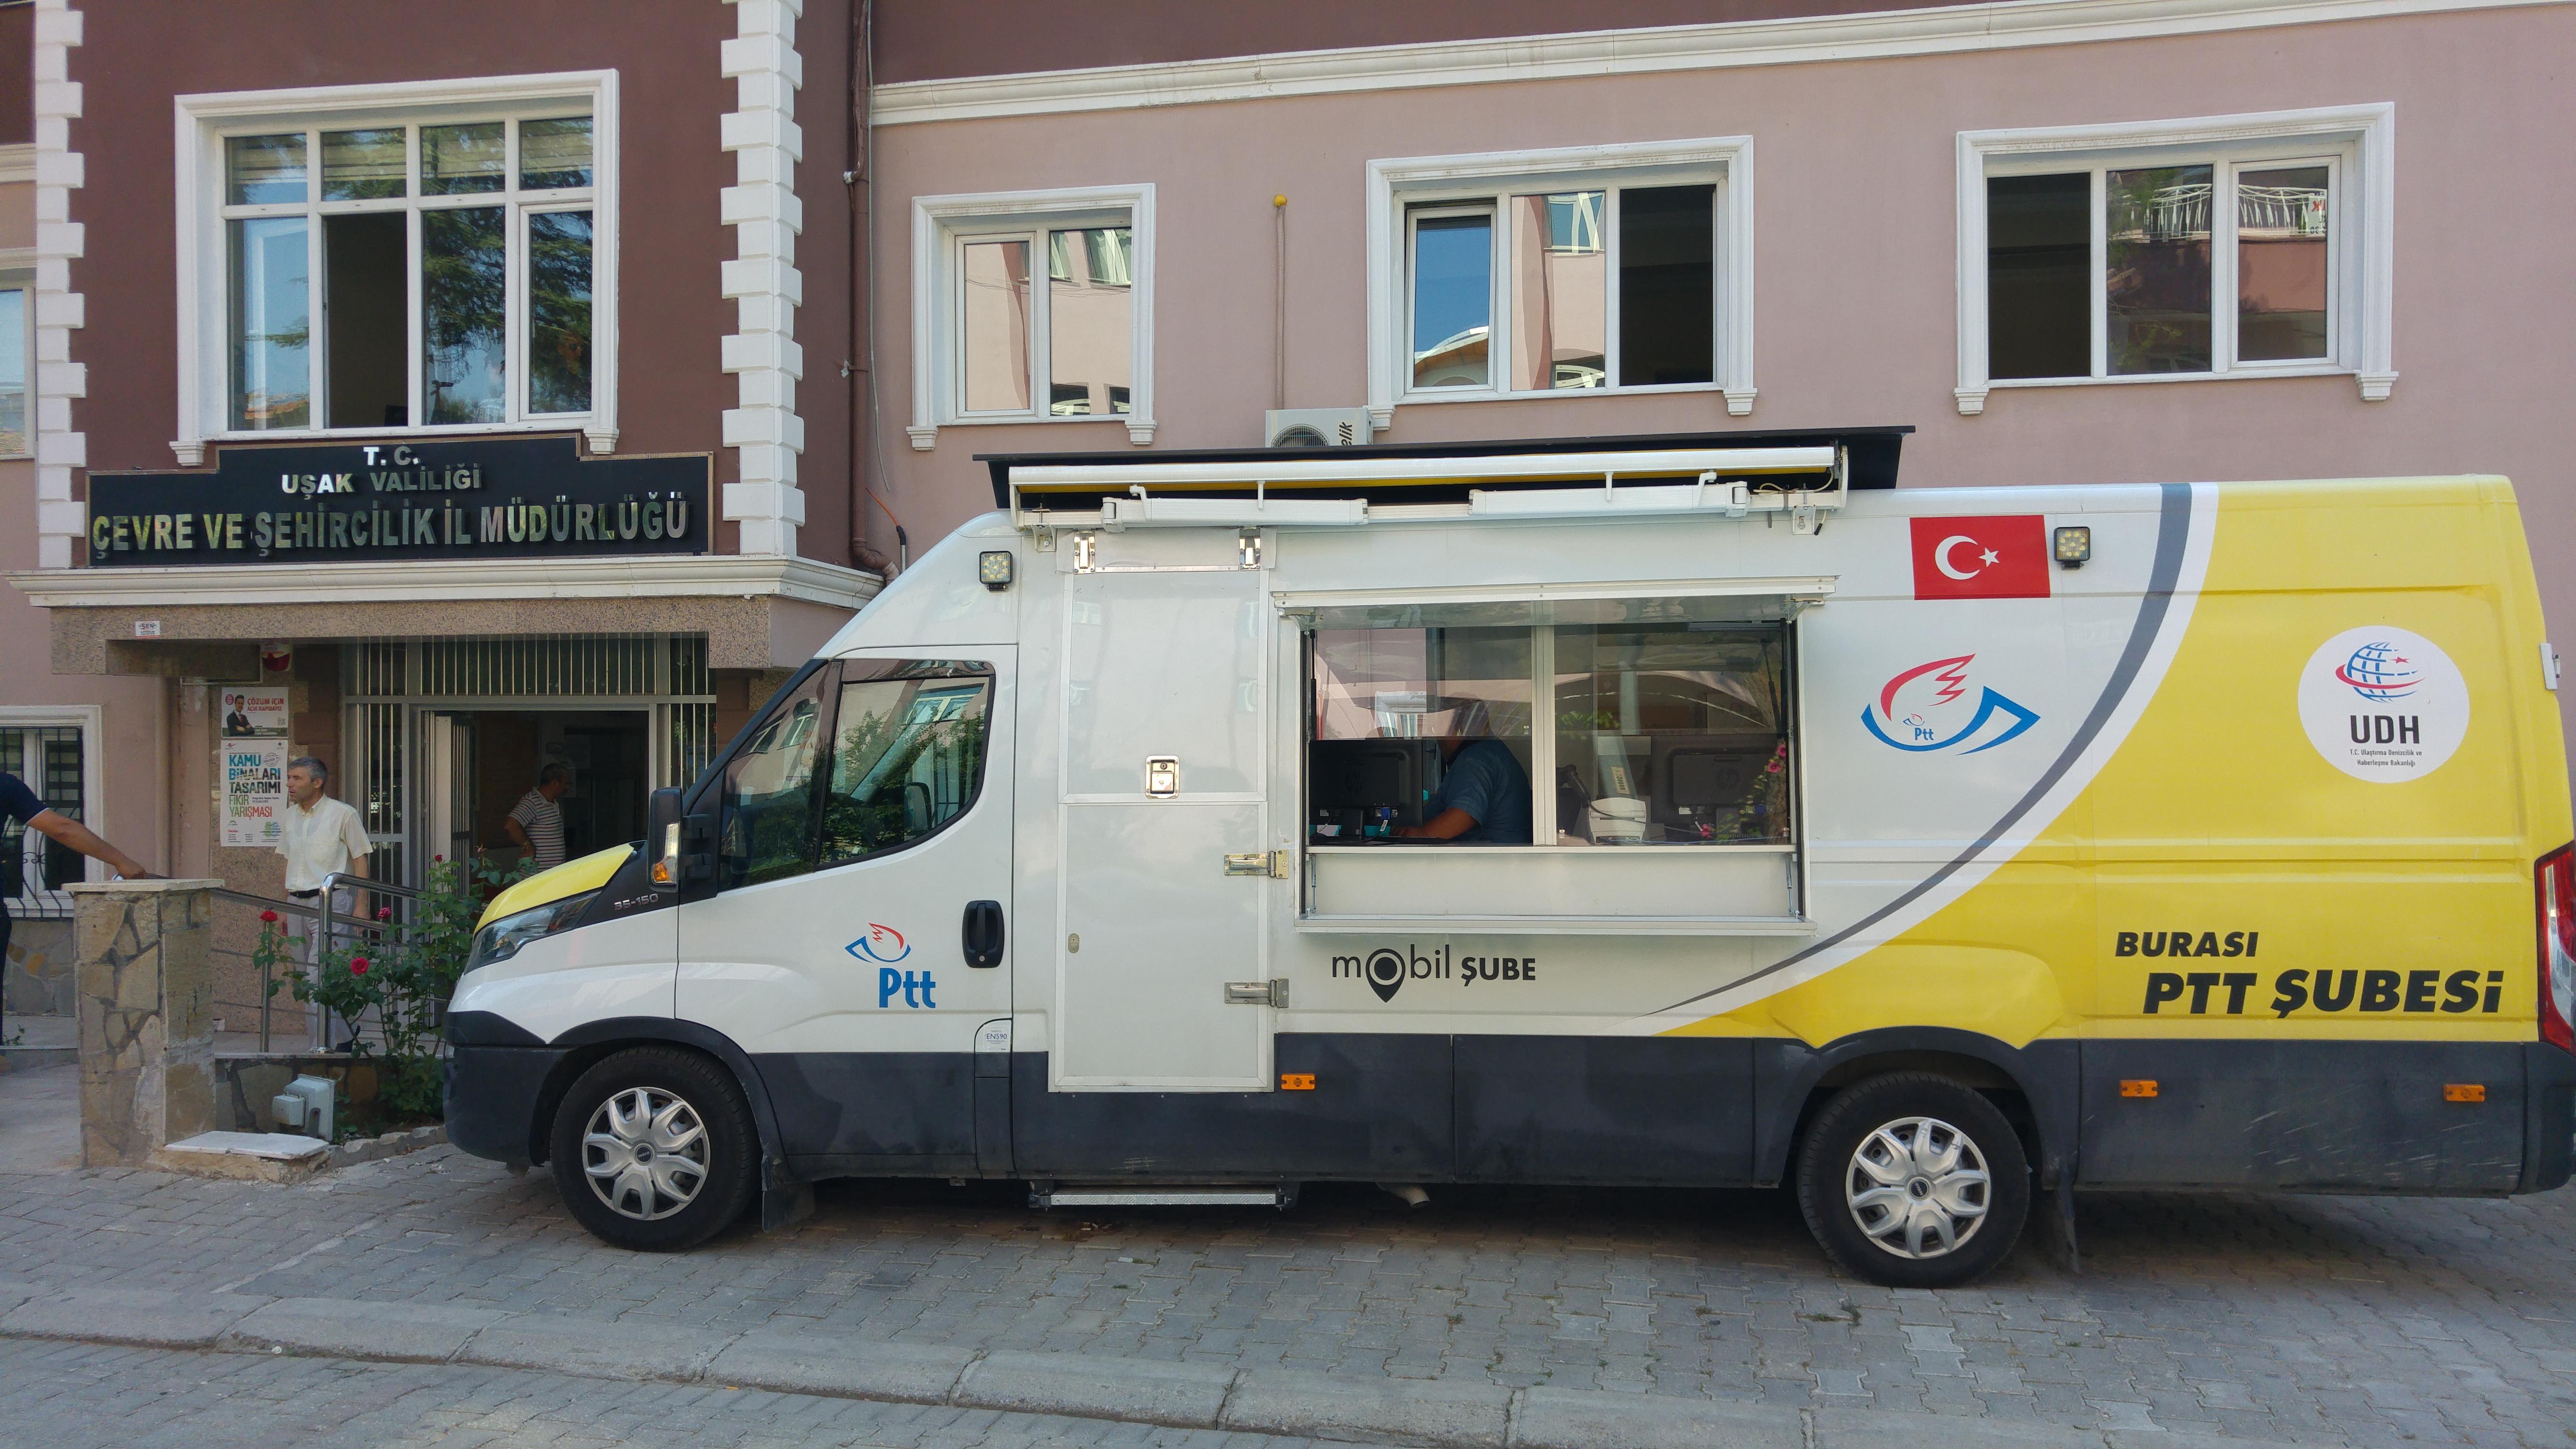 PTT Tarafından, Seyyar Araçla, İl Müdürlüğümüzde, Çarşamba Günleri E-Devlet Şifresi Verilmeye Başlanmıştır.